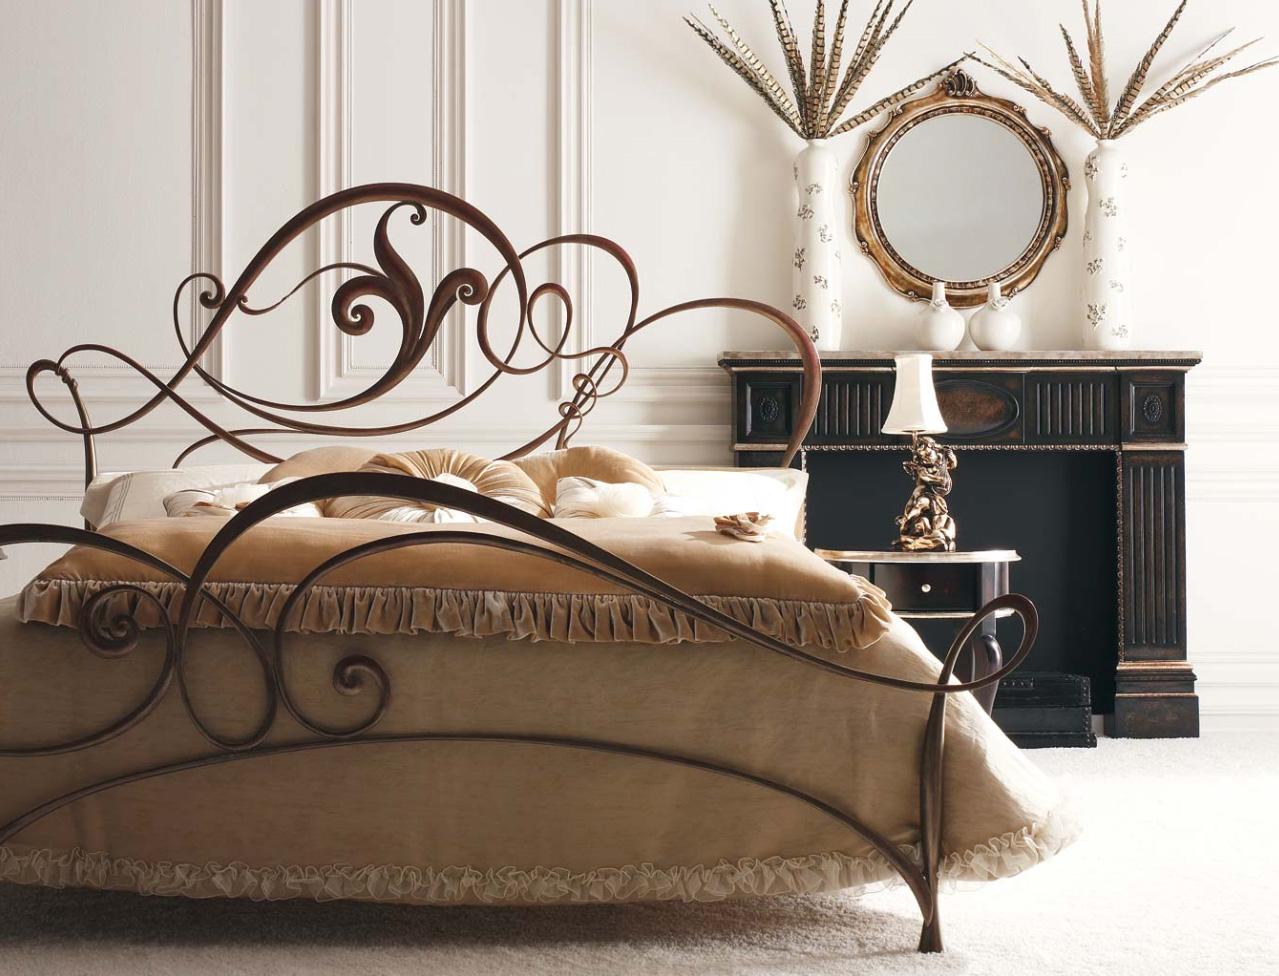 Красивый интерьер спальни с коричневой кованой кроватью